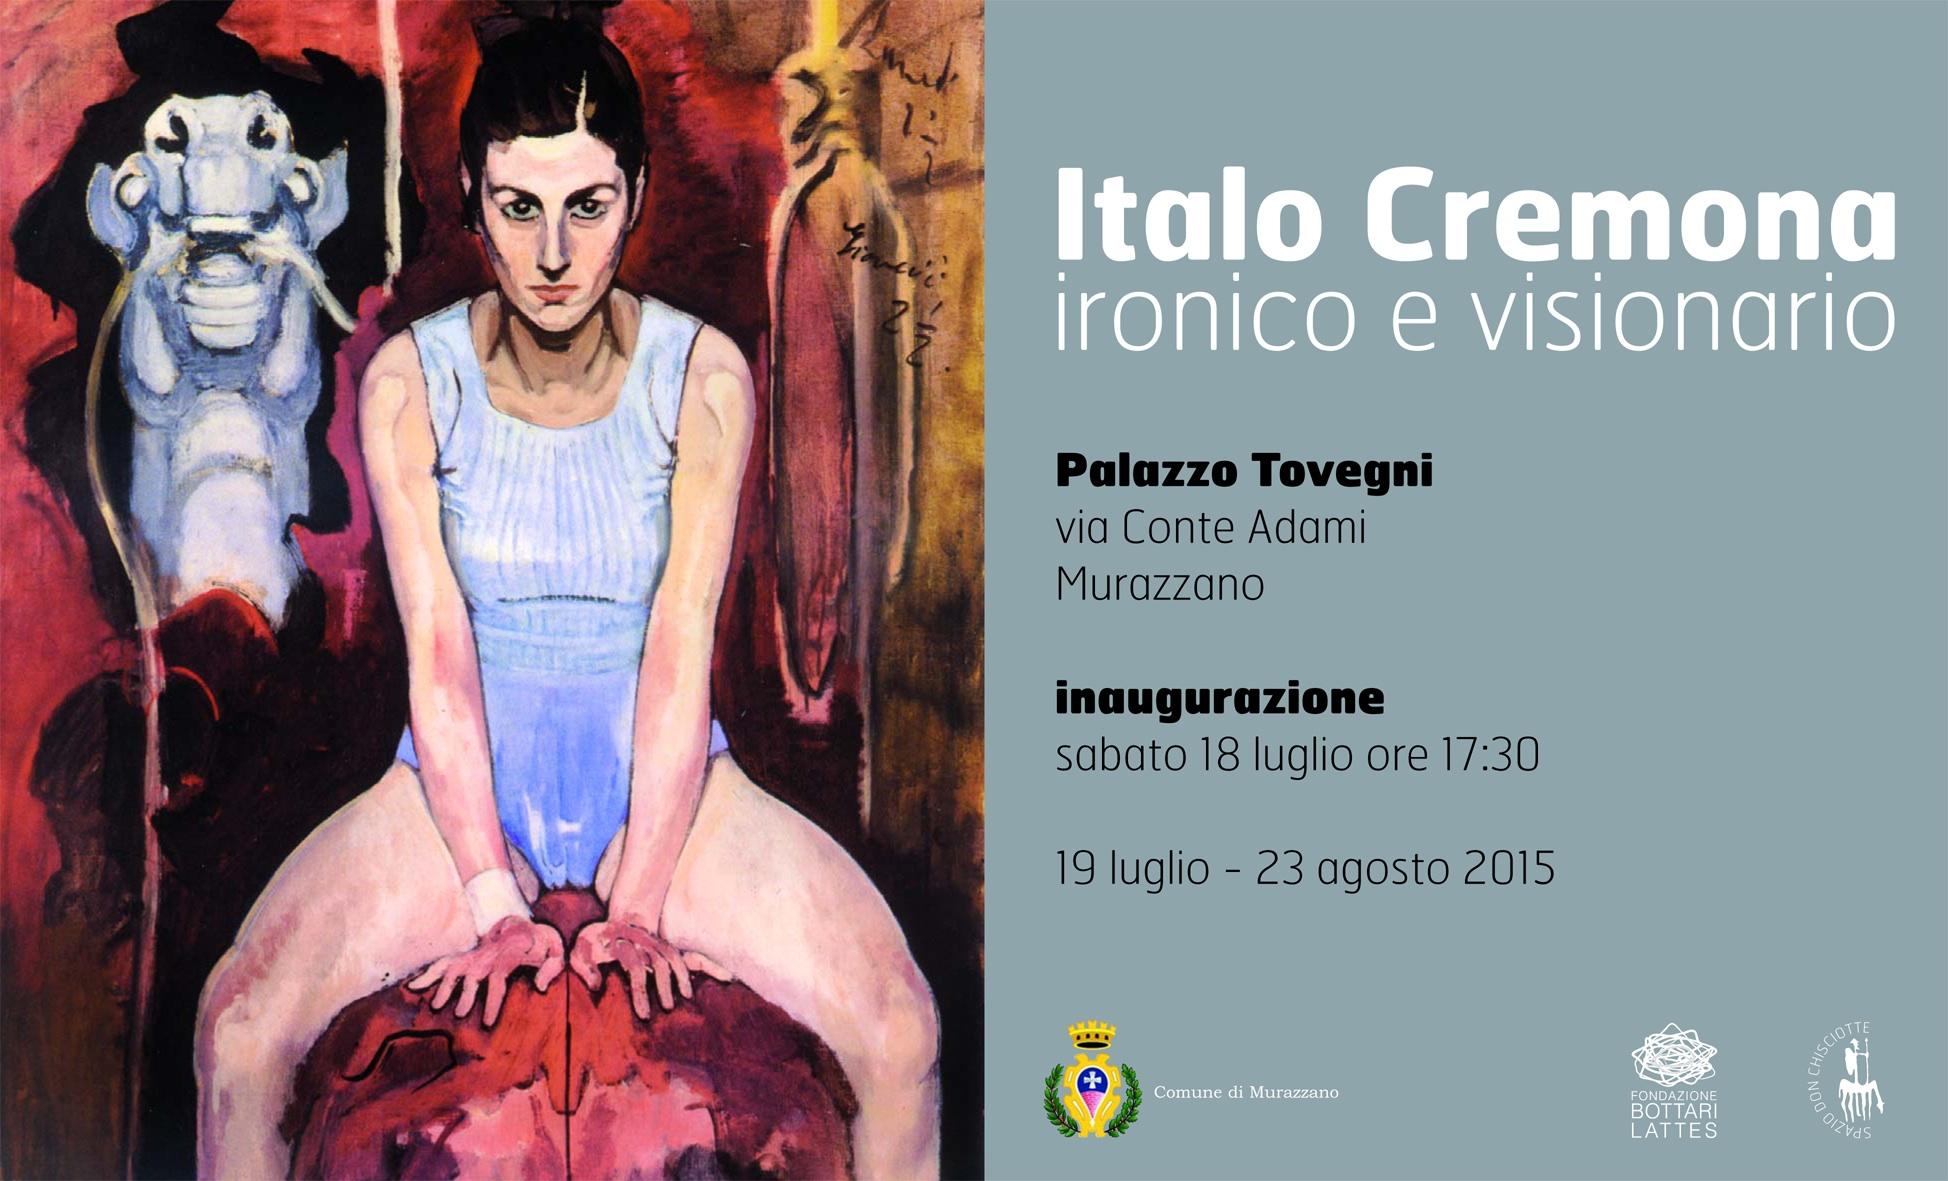 Italo Cremona ironico e visionario